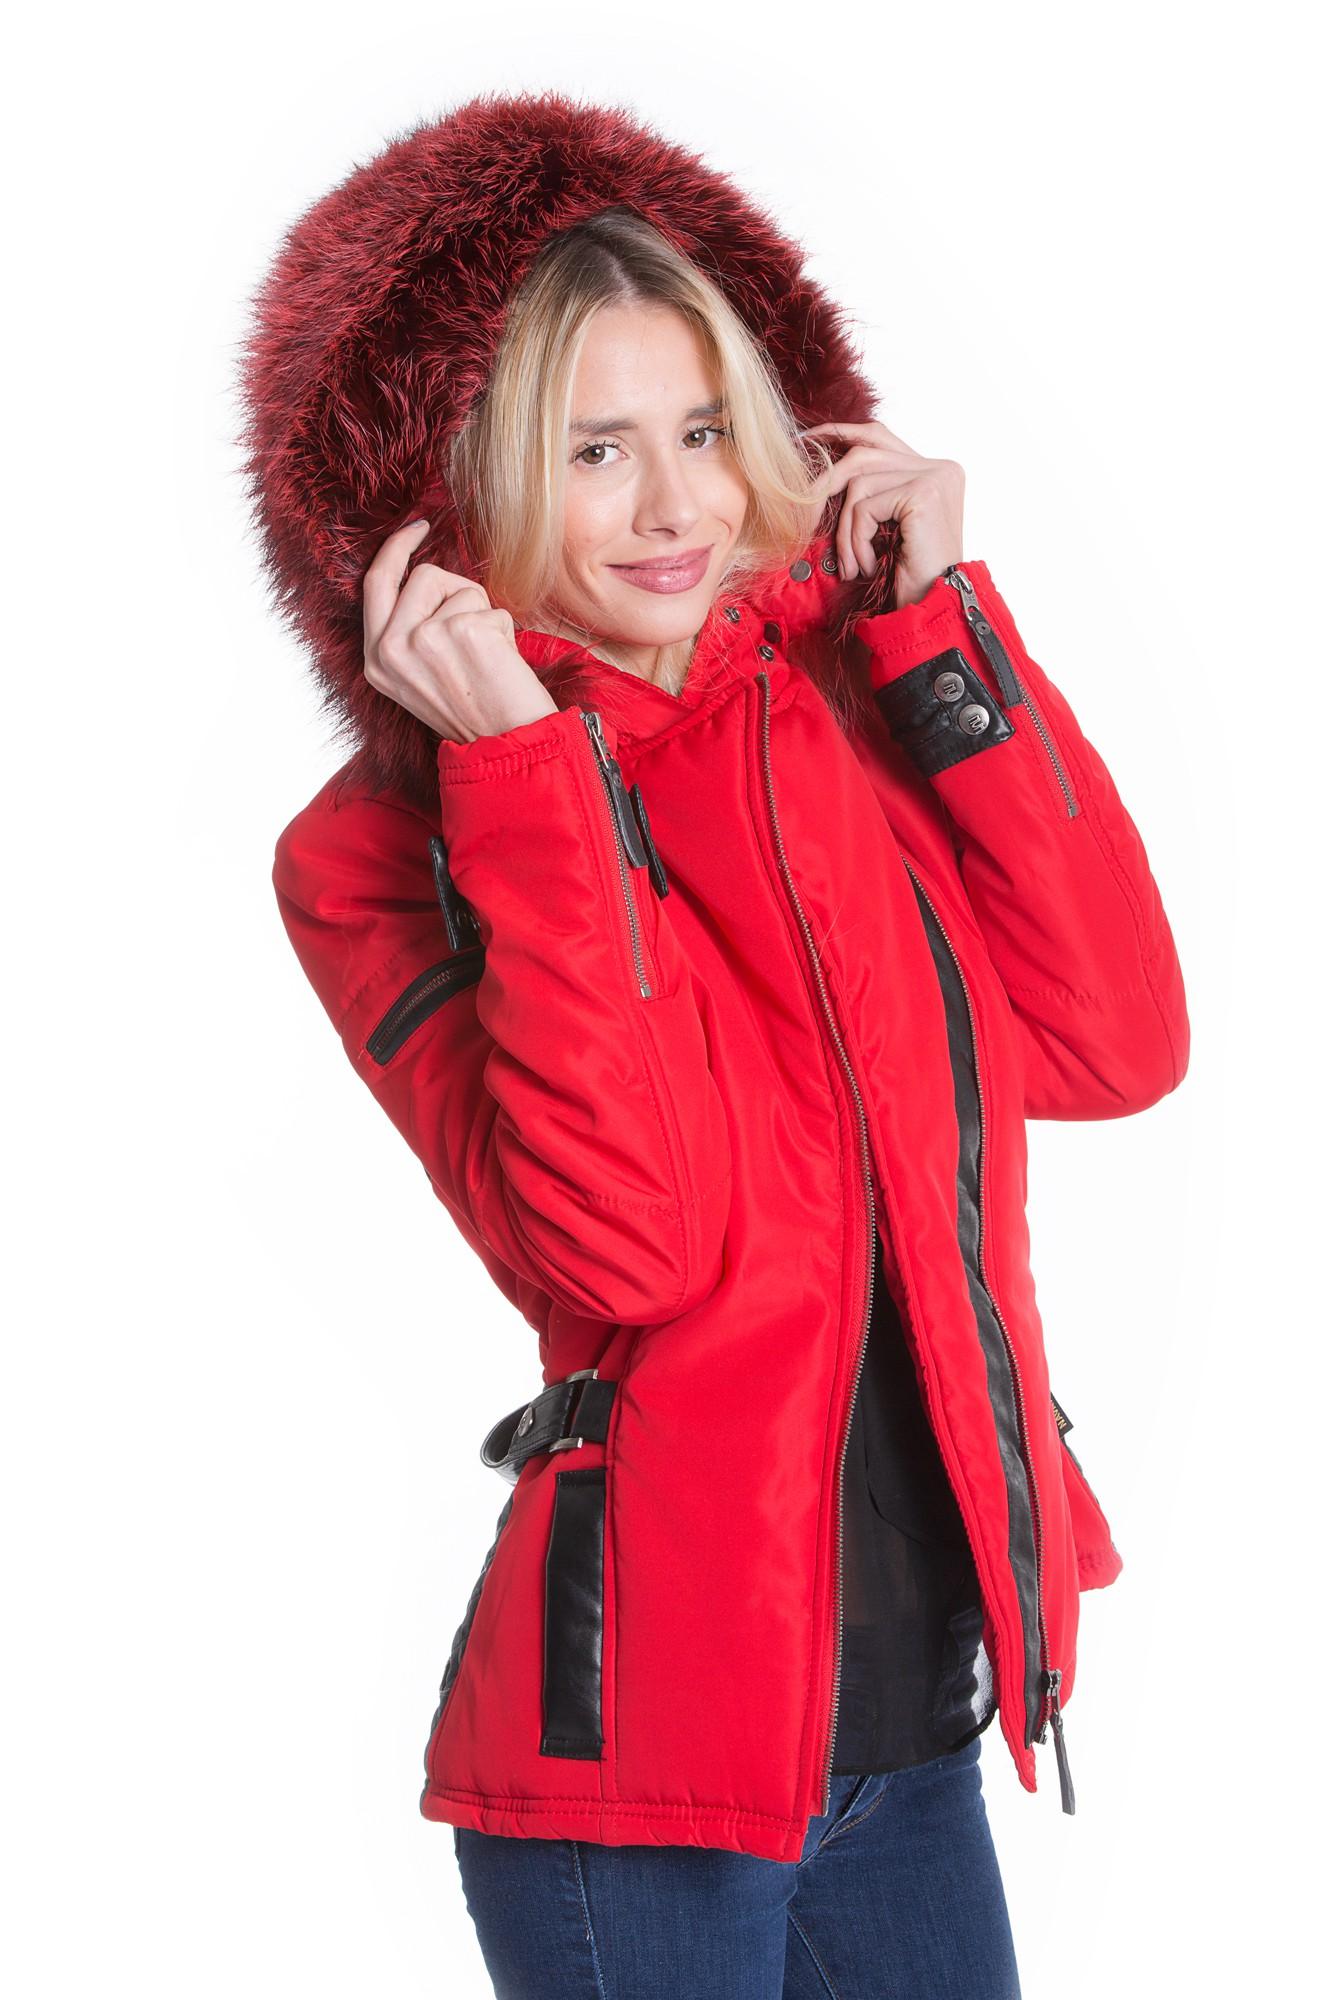 Rote Jacke mit XXXL-Fellkapze